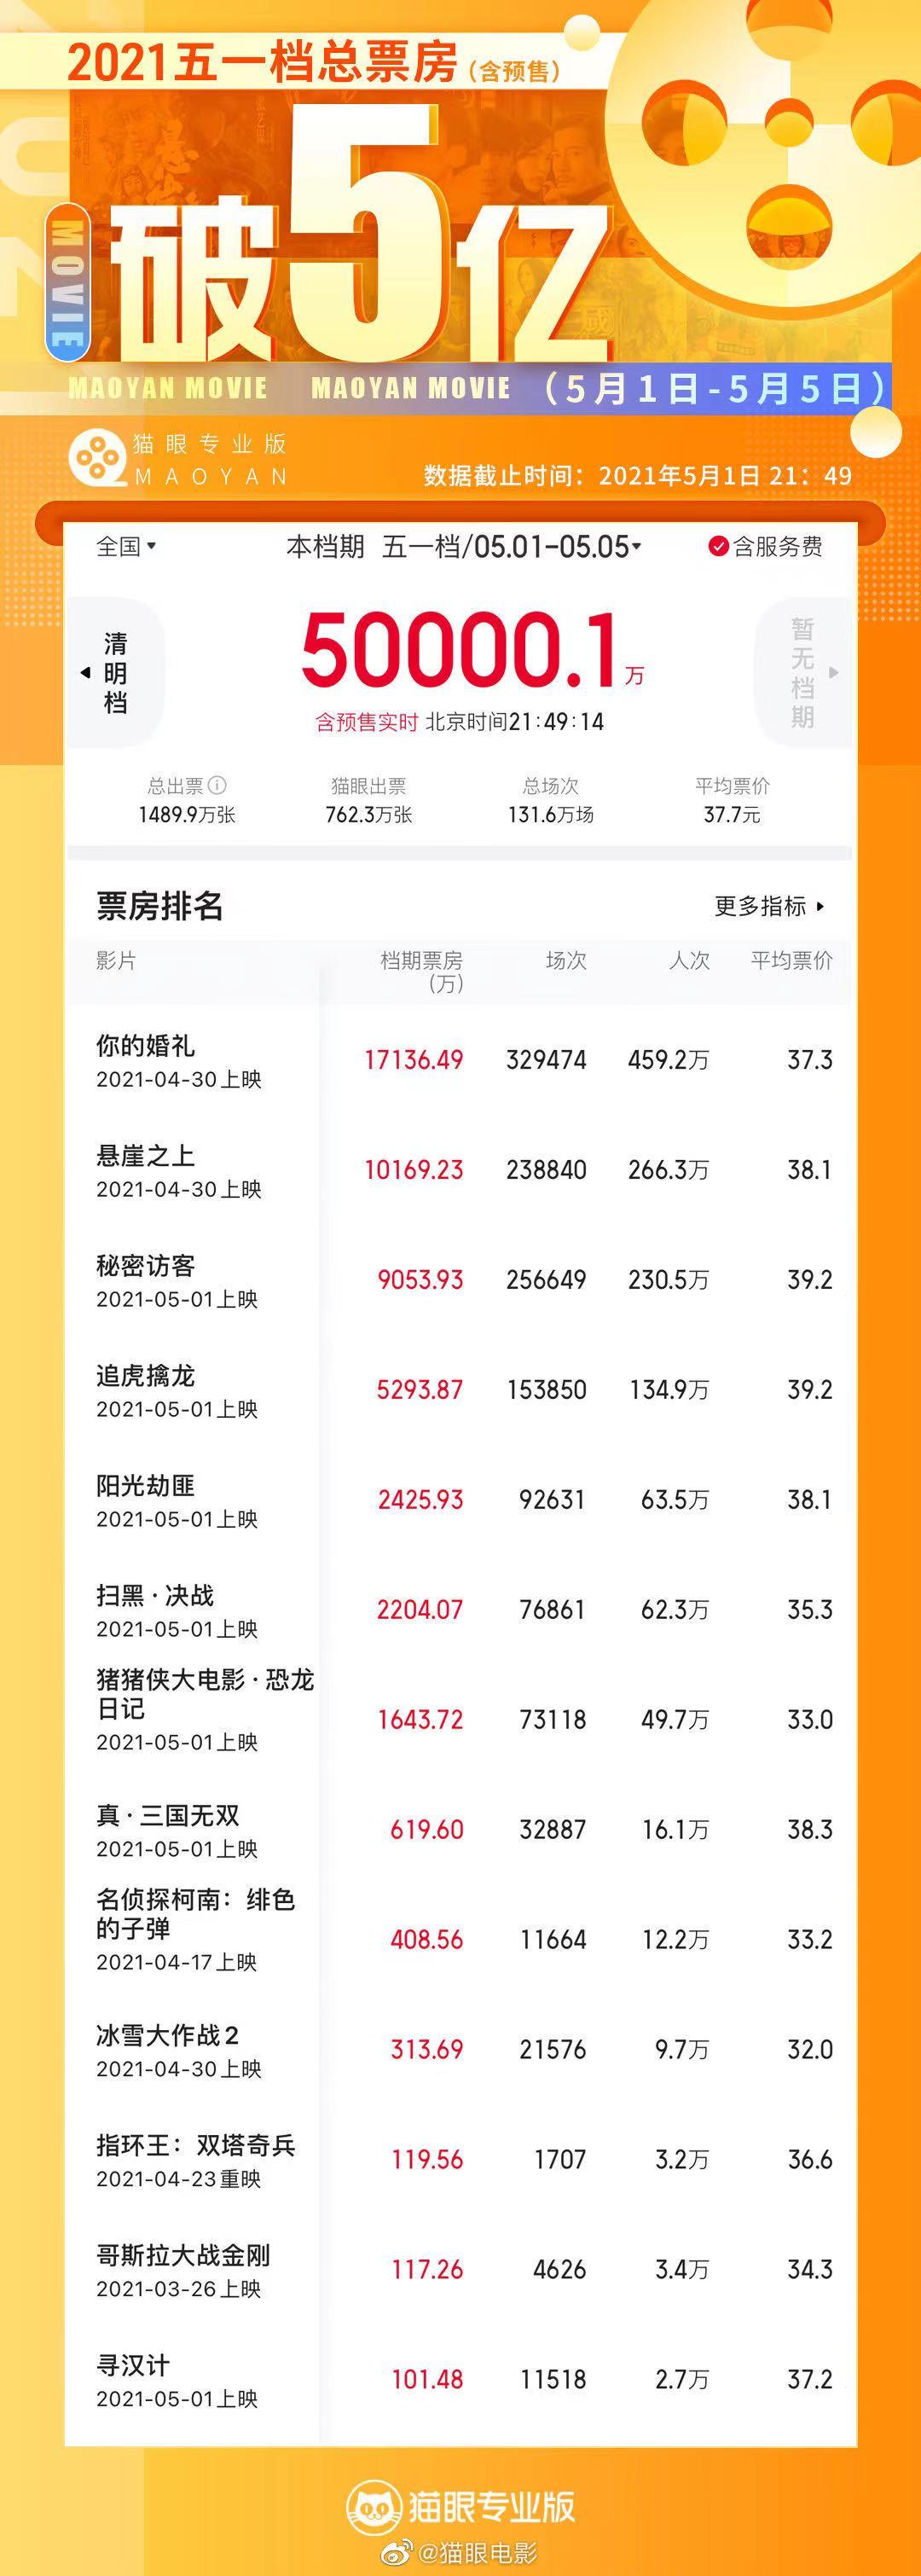 """""""五一档""""全国电影总票房(含预售)突破5亿元大关"""